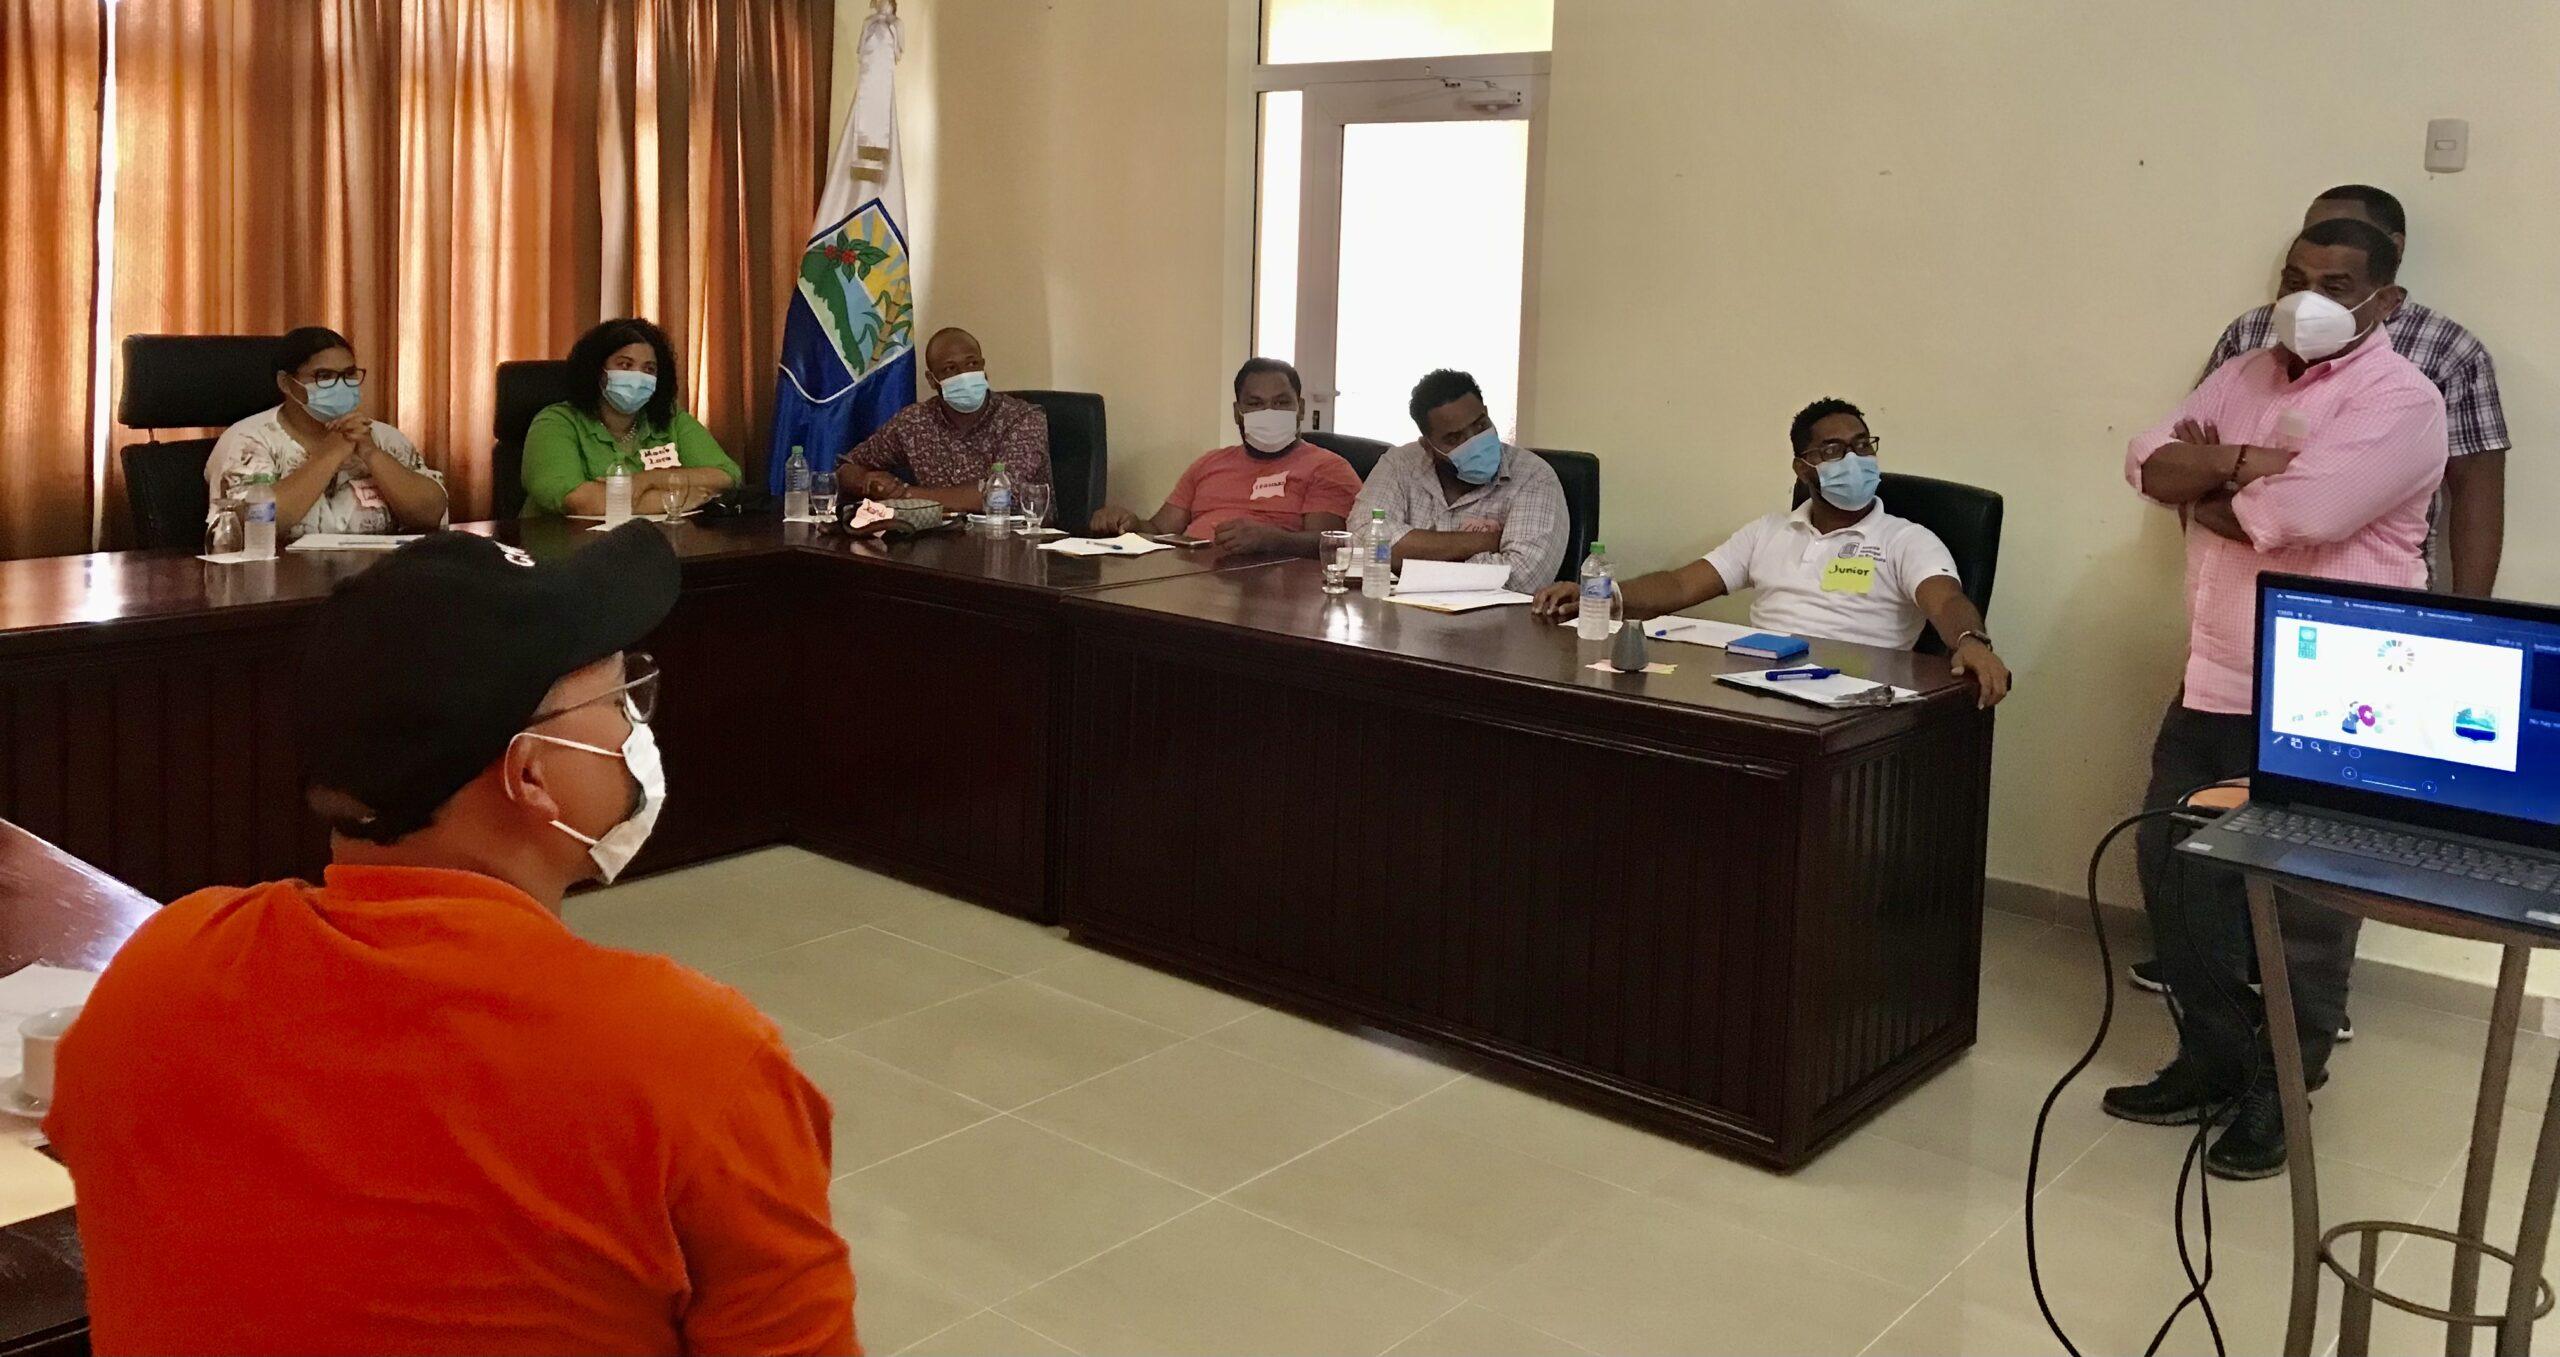 Alcaldía de Barahona y PNUD realizan encuentro con jóvenes para Plan de Recuperación Socioeconómica